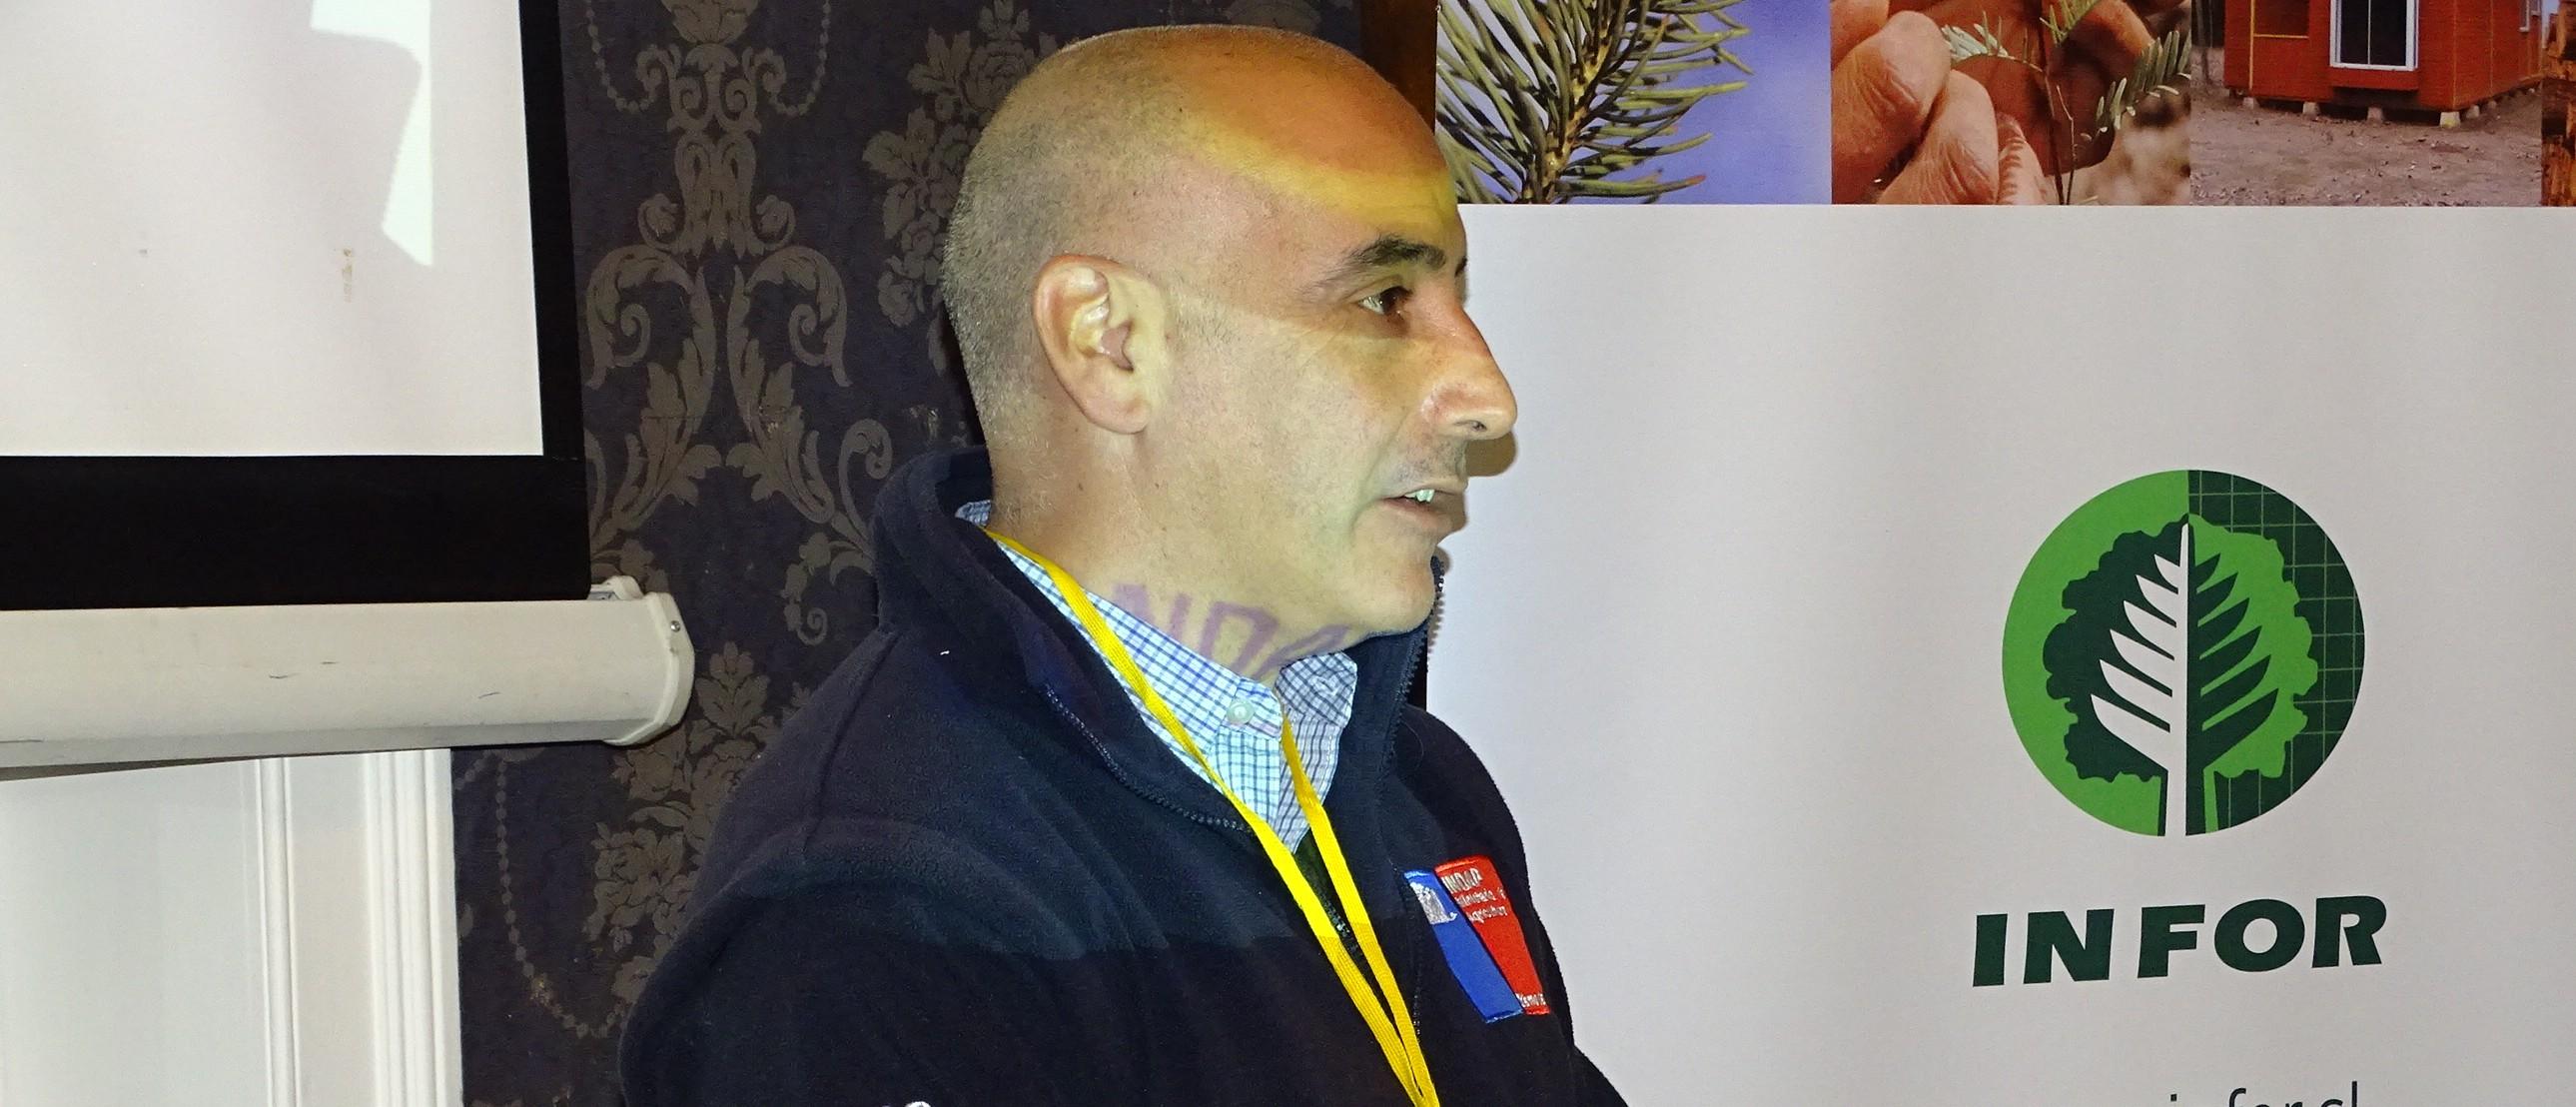 Jorge Sánchez   Indap Región de Los Ríos